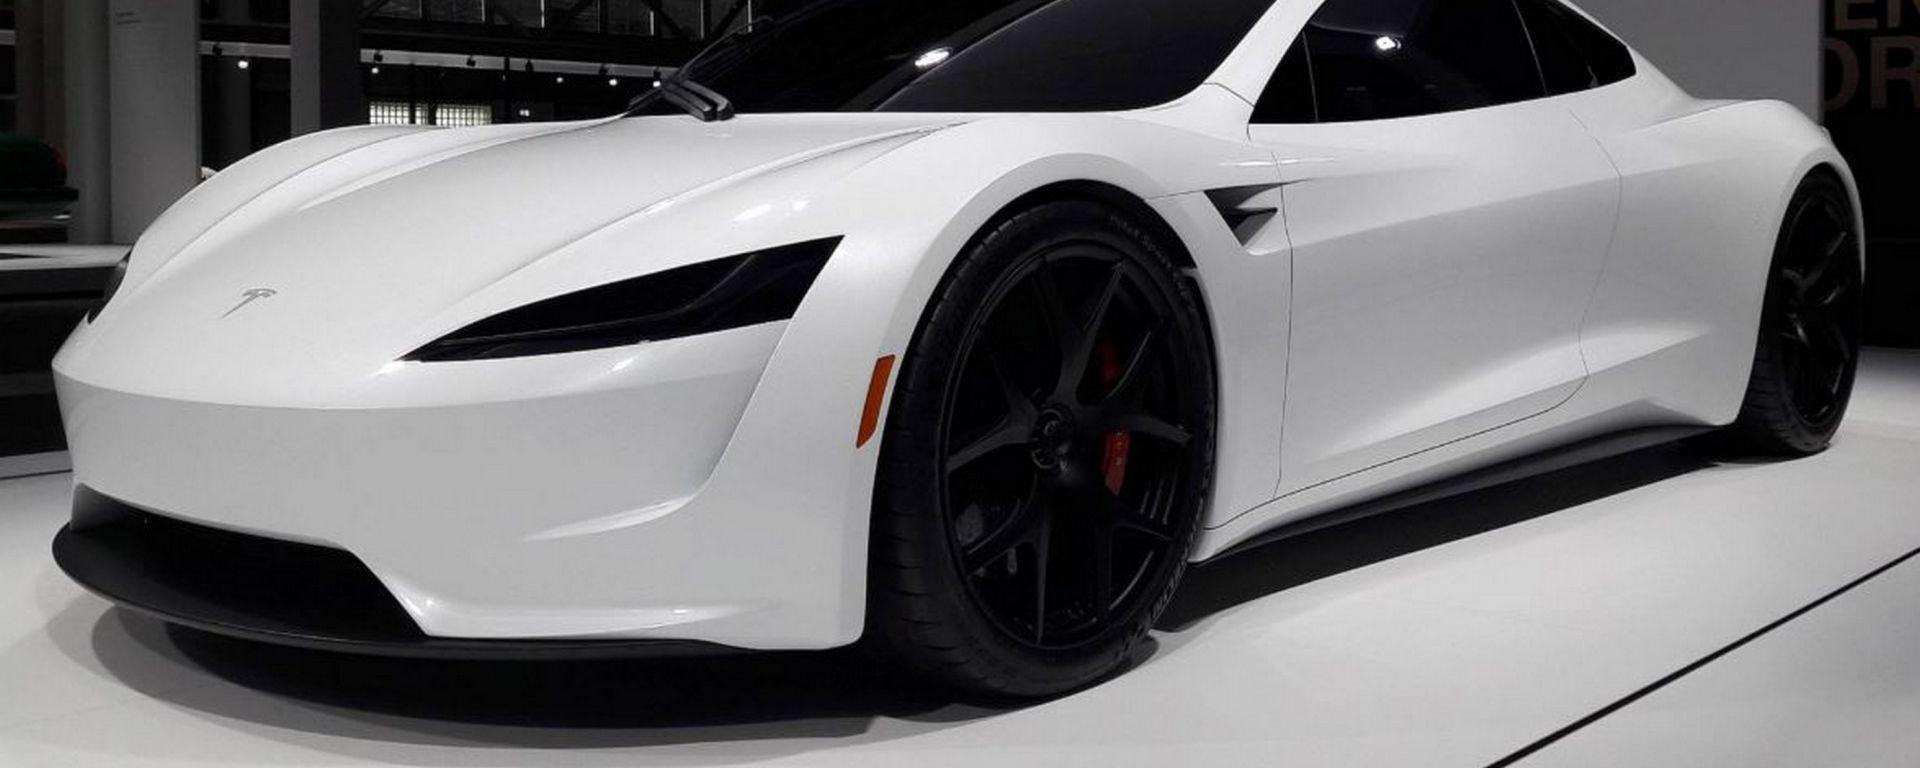 Tesla Roadster II: Musk dichiara più di 1.000 km di autonomia